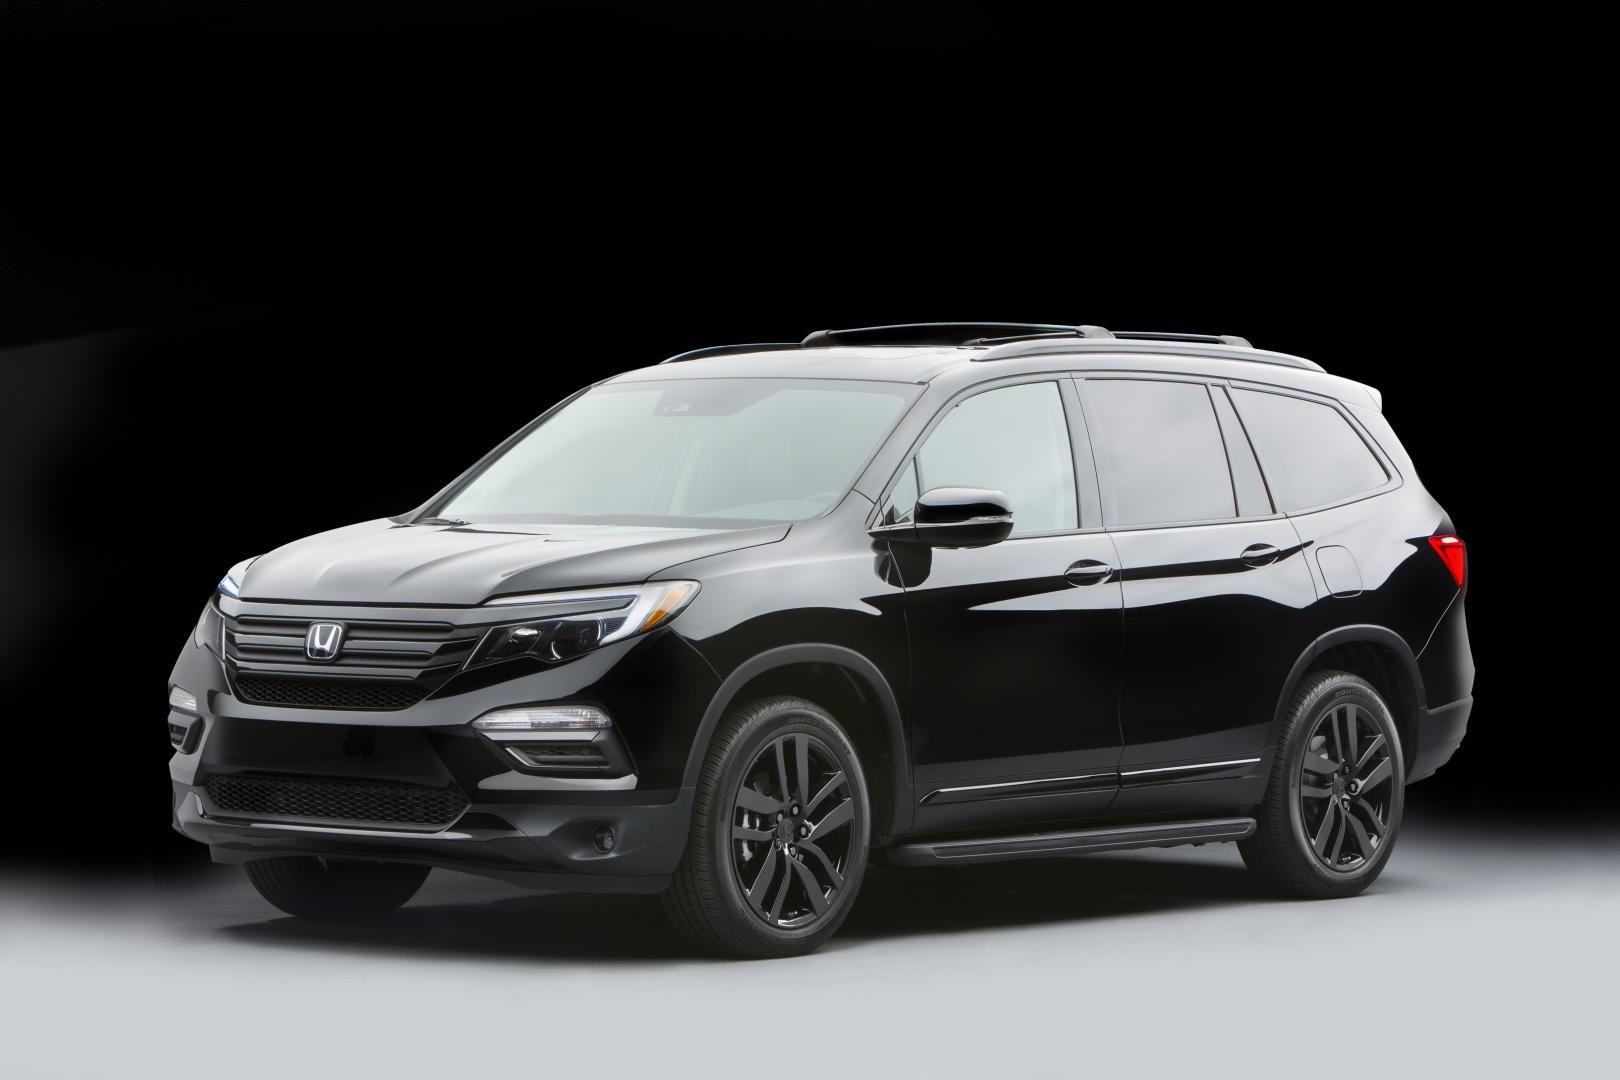 Vehicle Black 2017 Honda Pilot